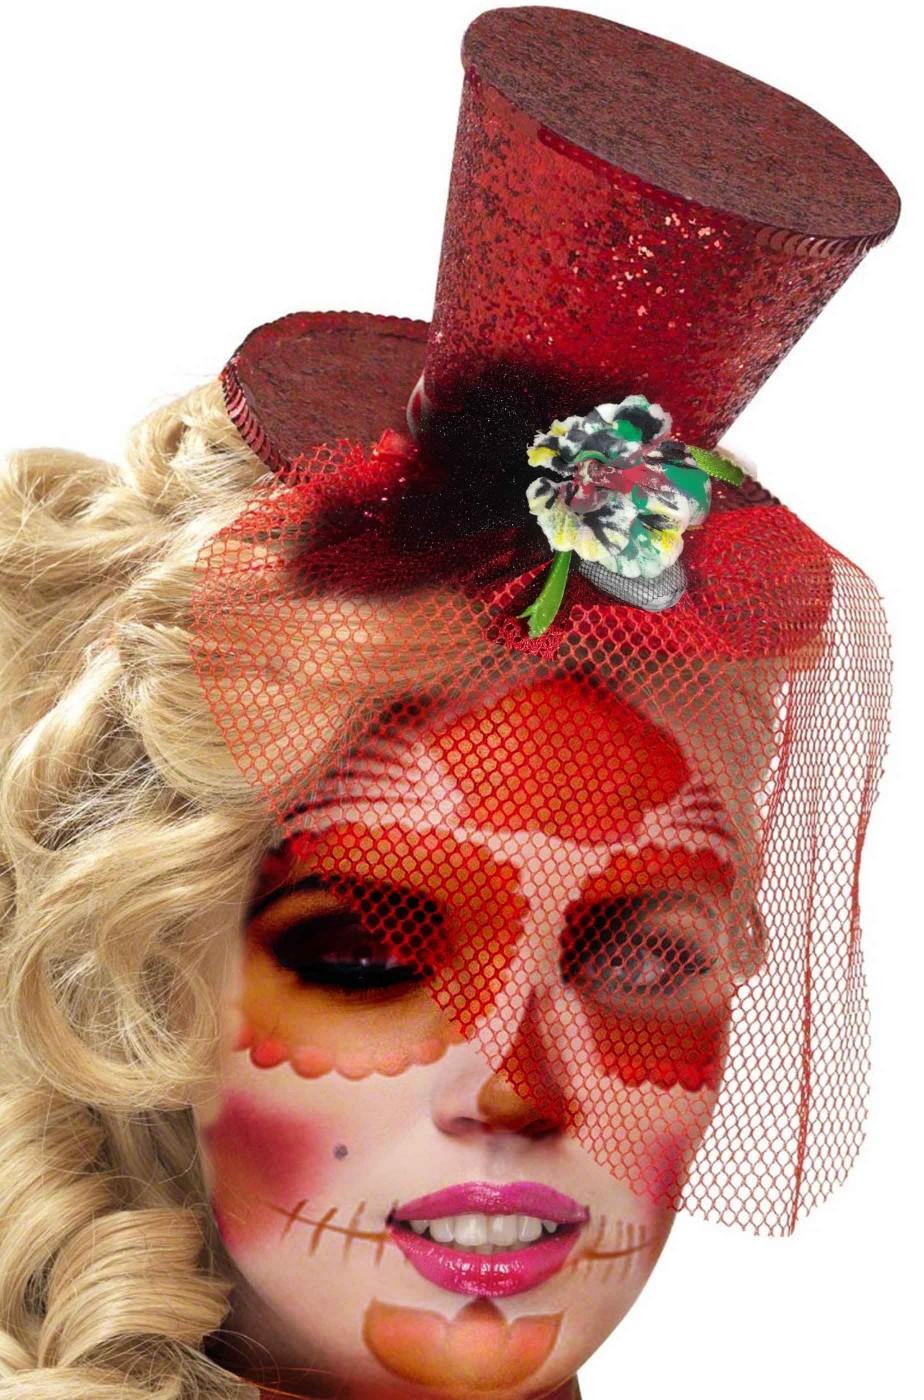 Cappellino rosso con fiori per teschio di zucchero calavera Dia de Los Muertos